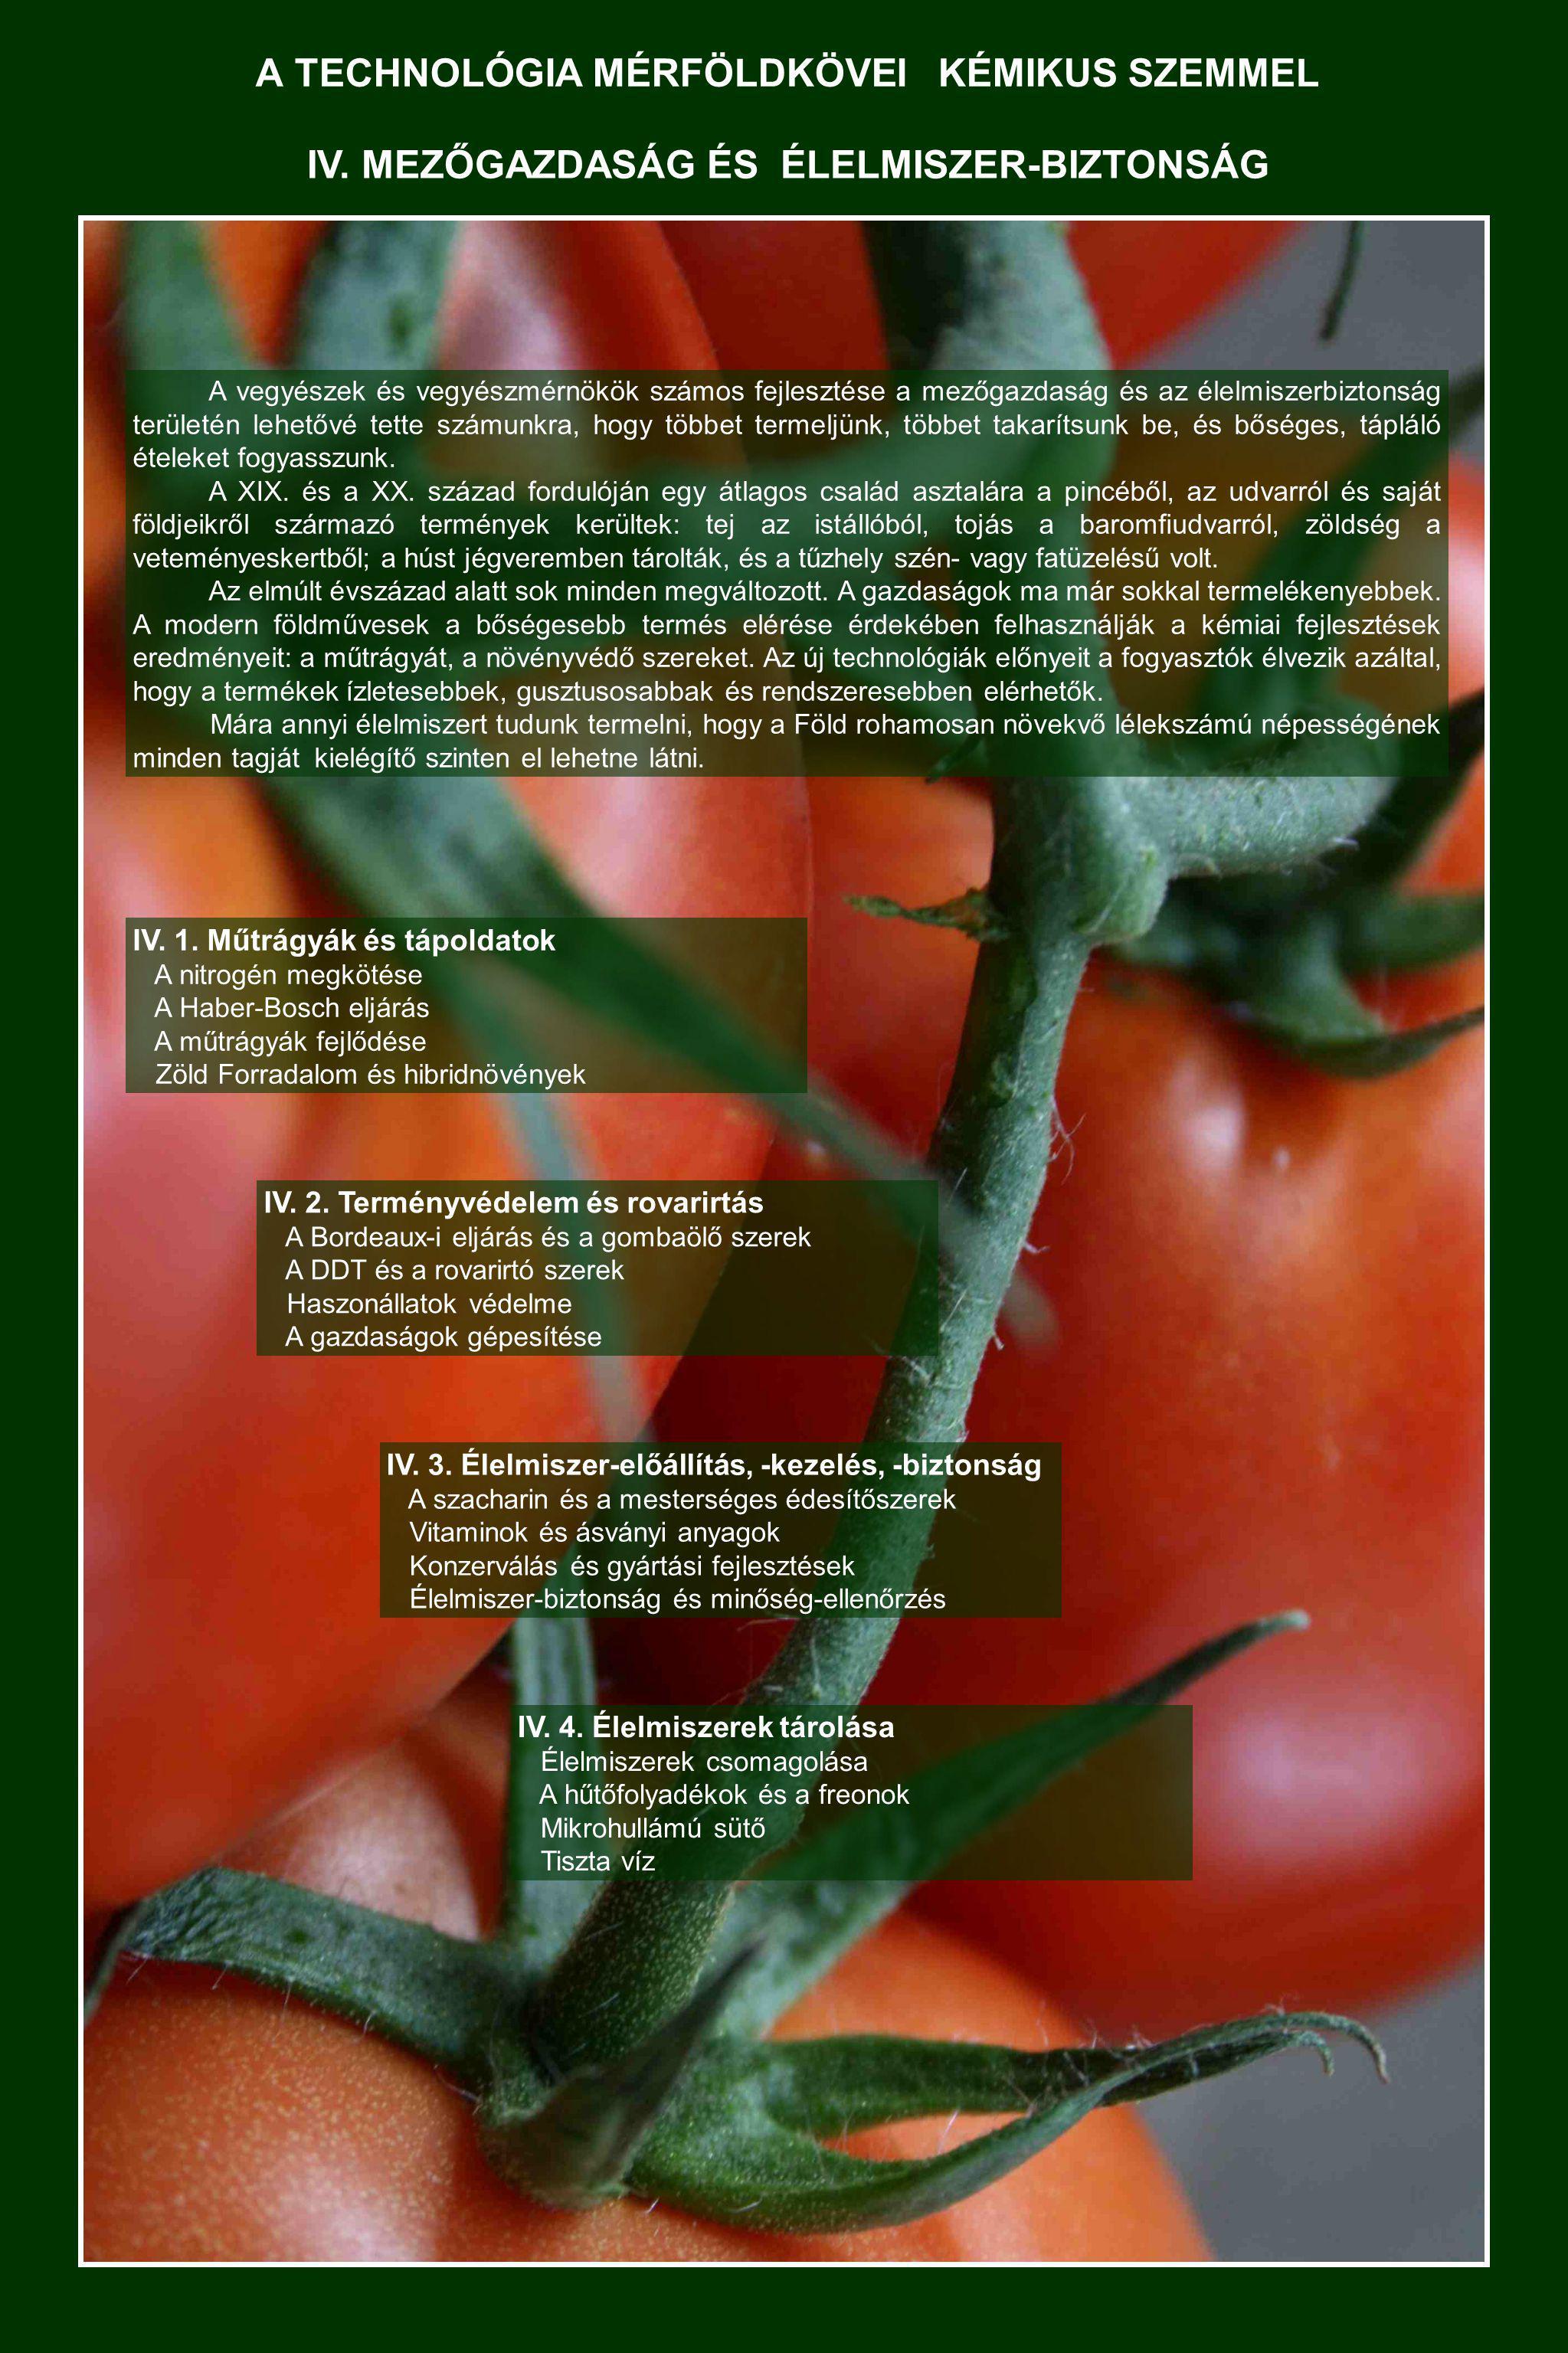 A TECHNOLÓGIA MÉRFÖLDKÖVEI KÉMIKUS SZEMMEL A vegyészek és vegyészmérnökök számos fejlesztése a mezőgazdaság és az élelmiszerbiztonság területén lehetővé tette számunkra, hogy többet termeljünk, többet takarítsunk be, és bőséges, tápláló ételeket fogyasszunk.